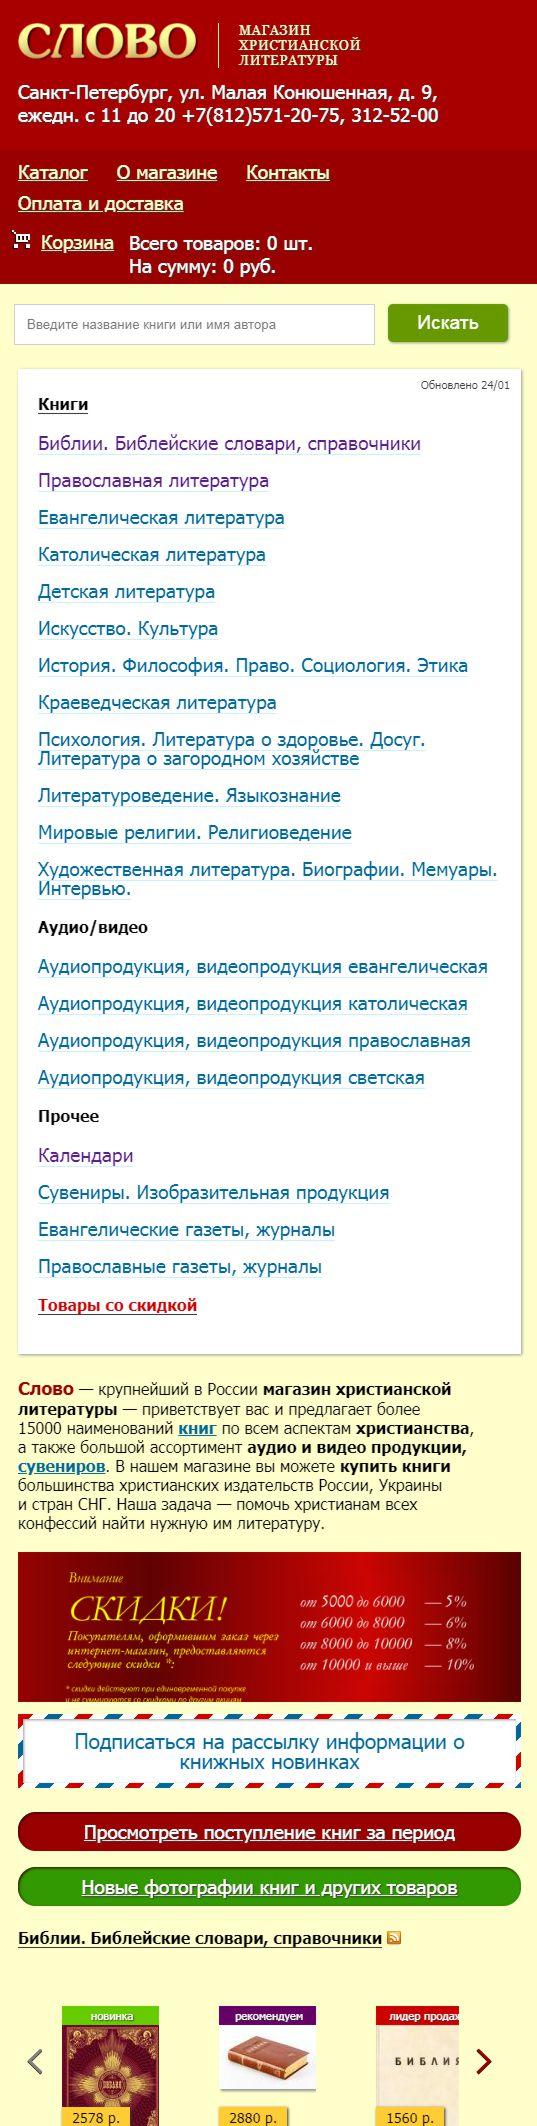 Мобильная версия сайта магазина Слово